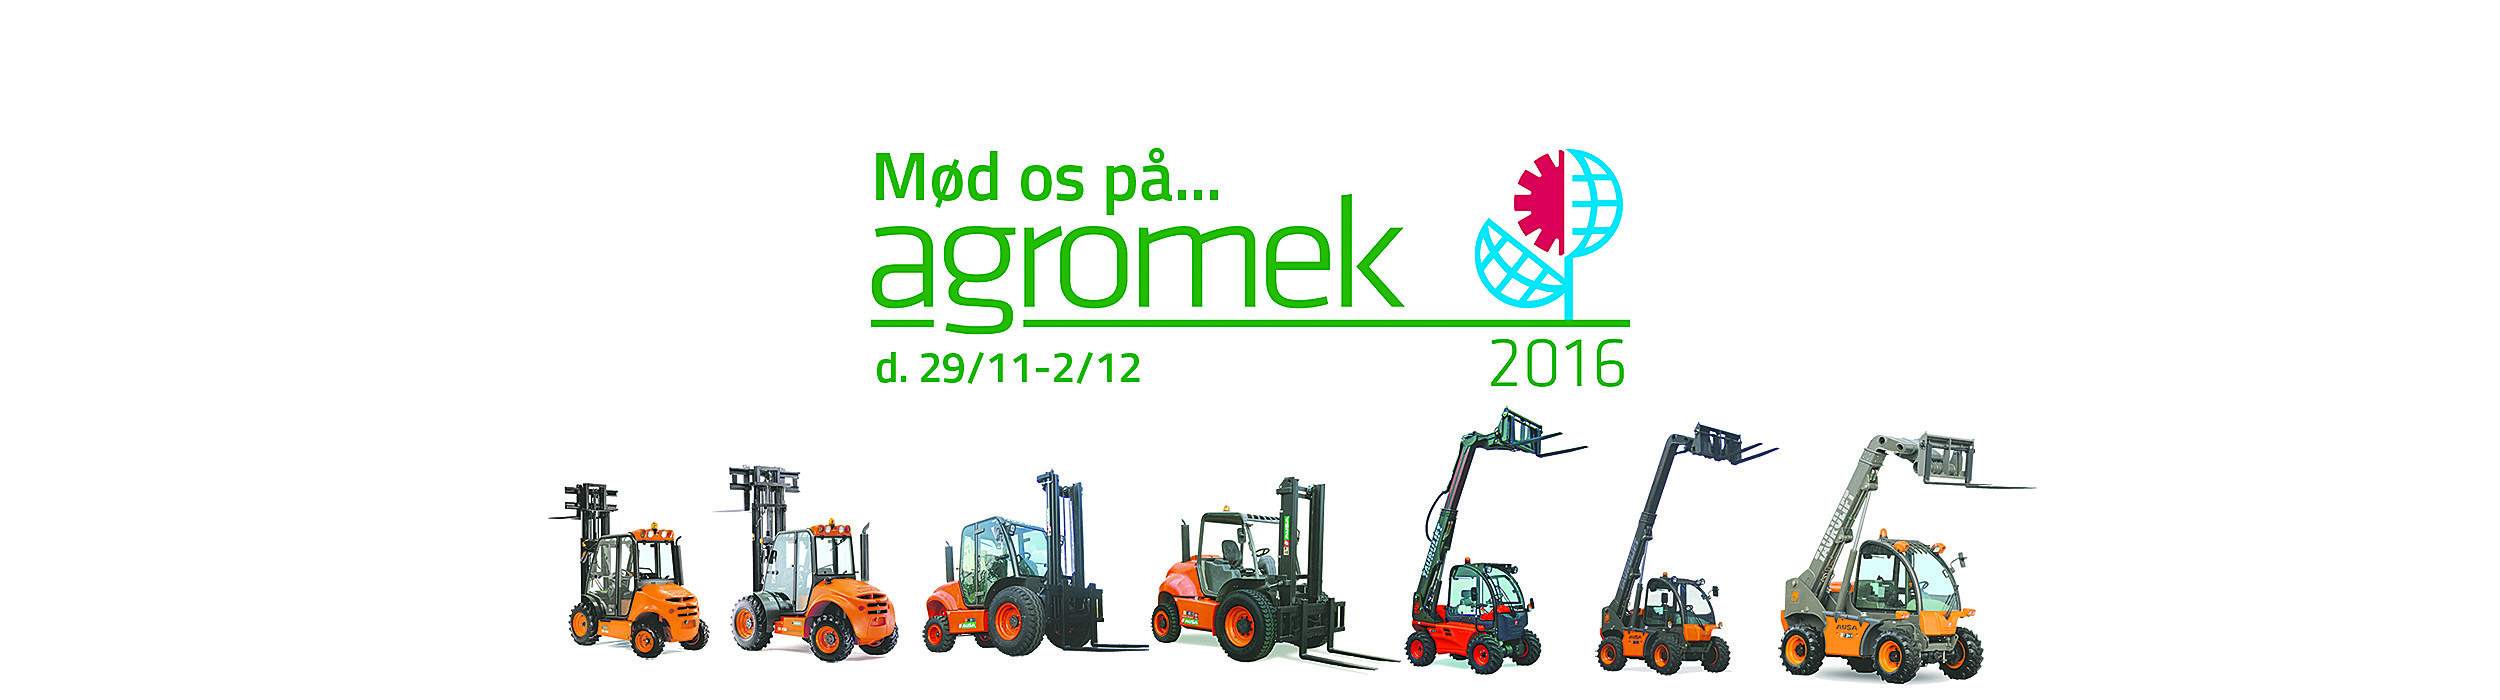 Toyota Material Handling Danmark på Agromek